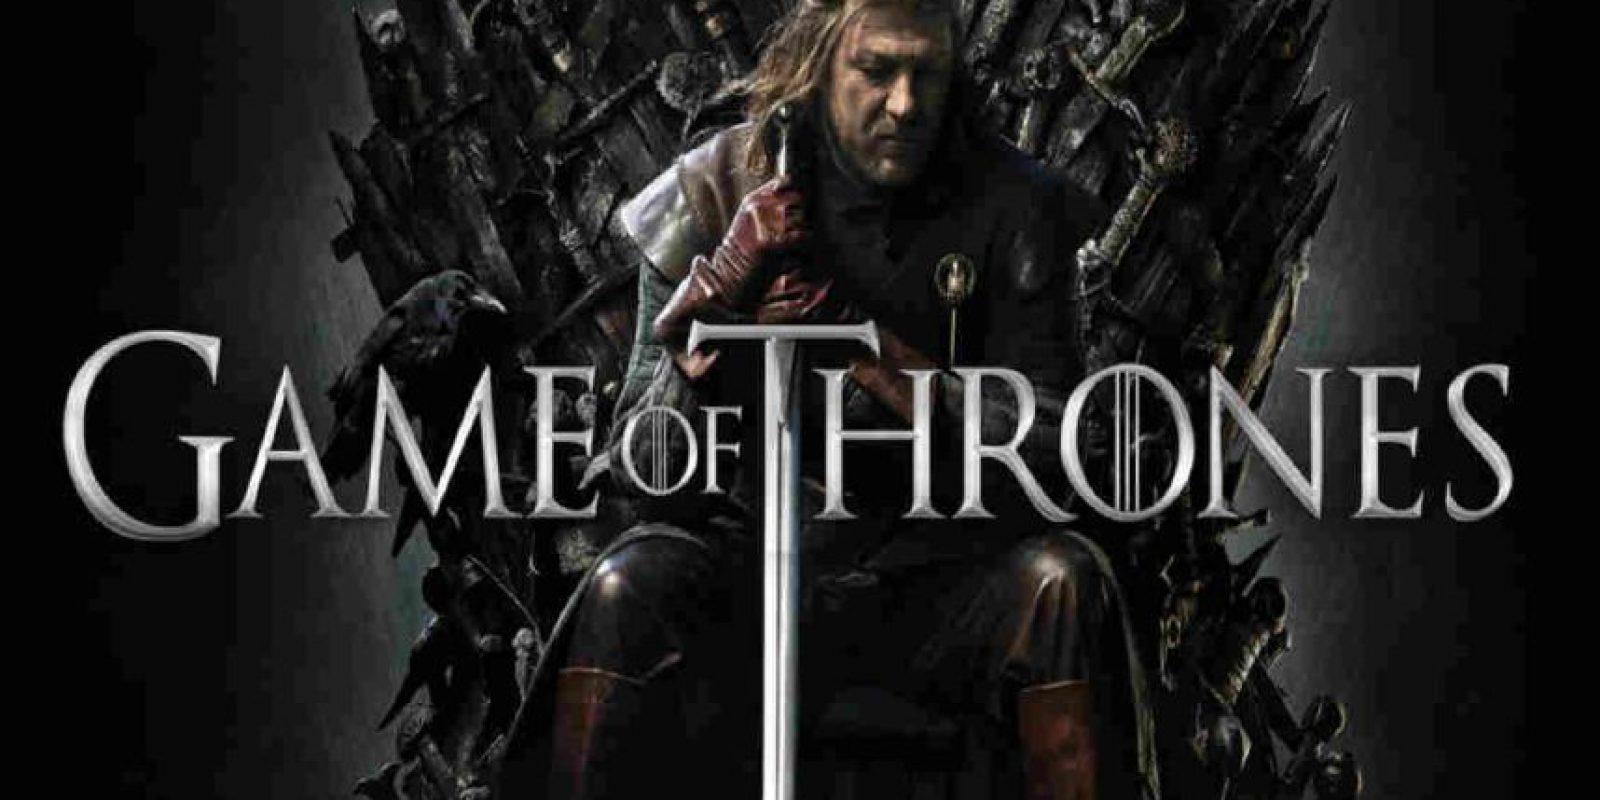 """""""Game of Thrones"""" fue la serie con más descargas ilegales durante 2015. Foto:Game of Thrones"""